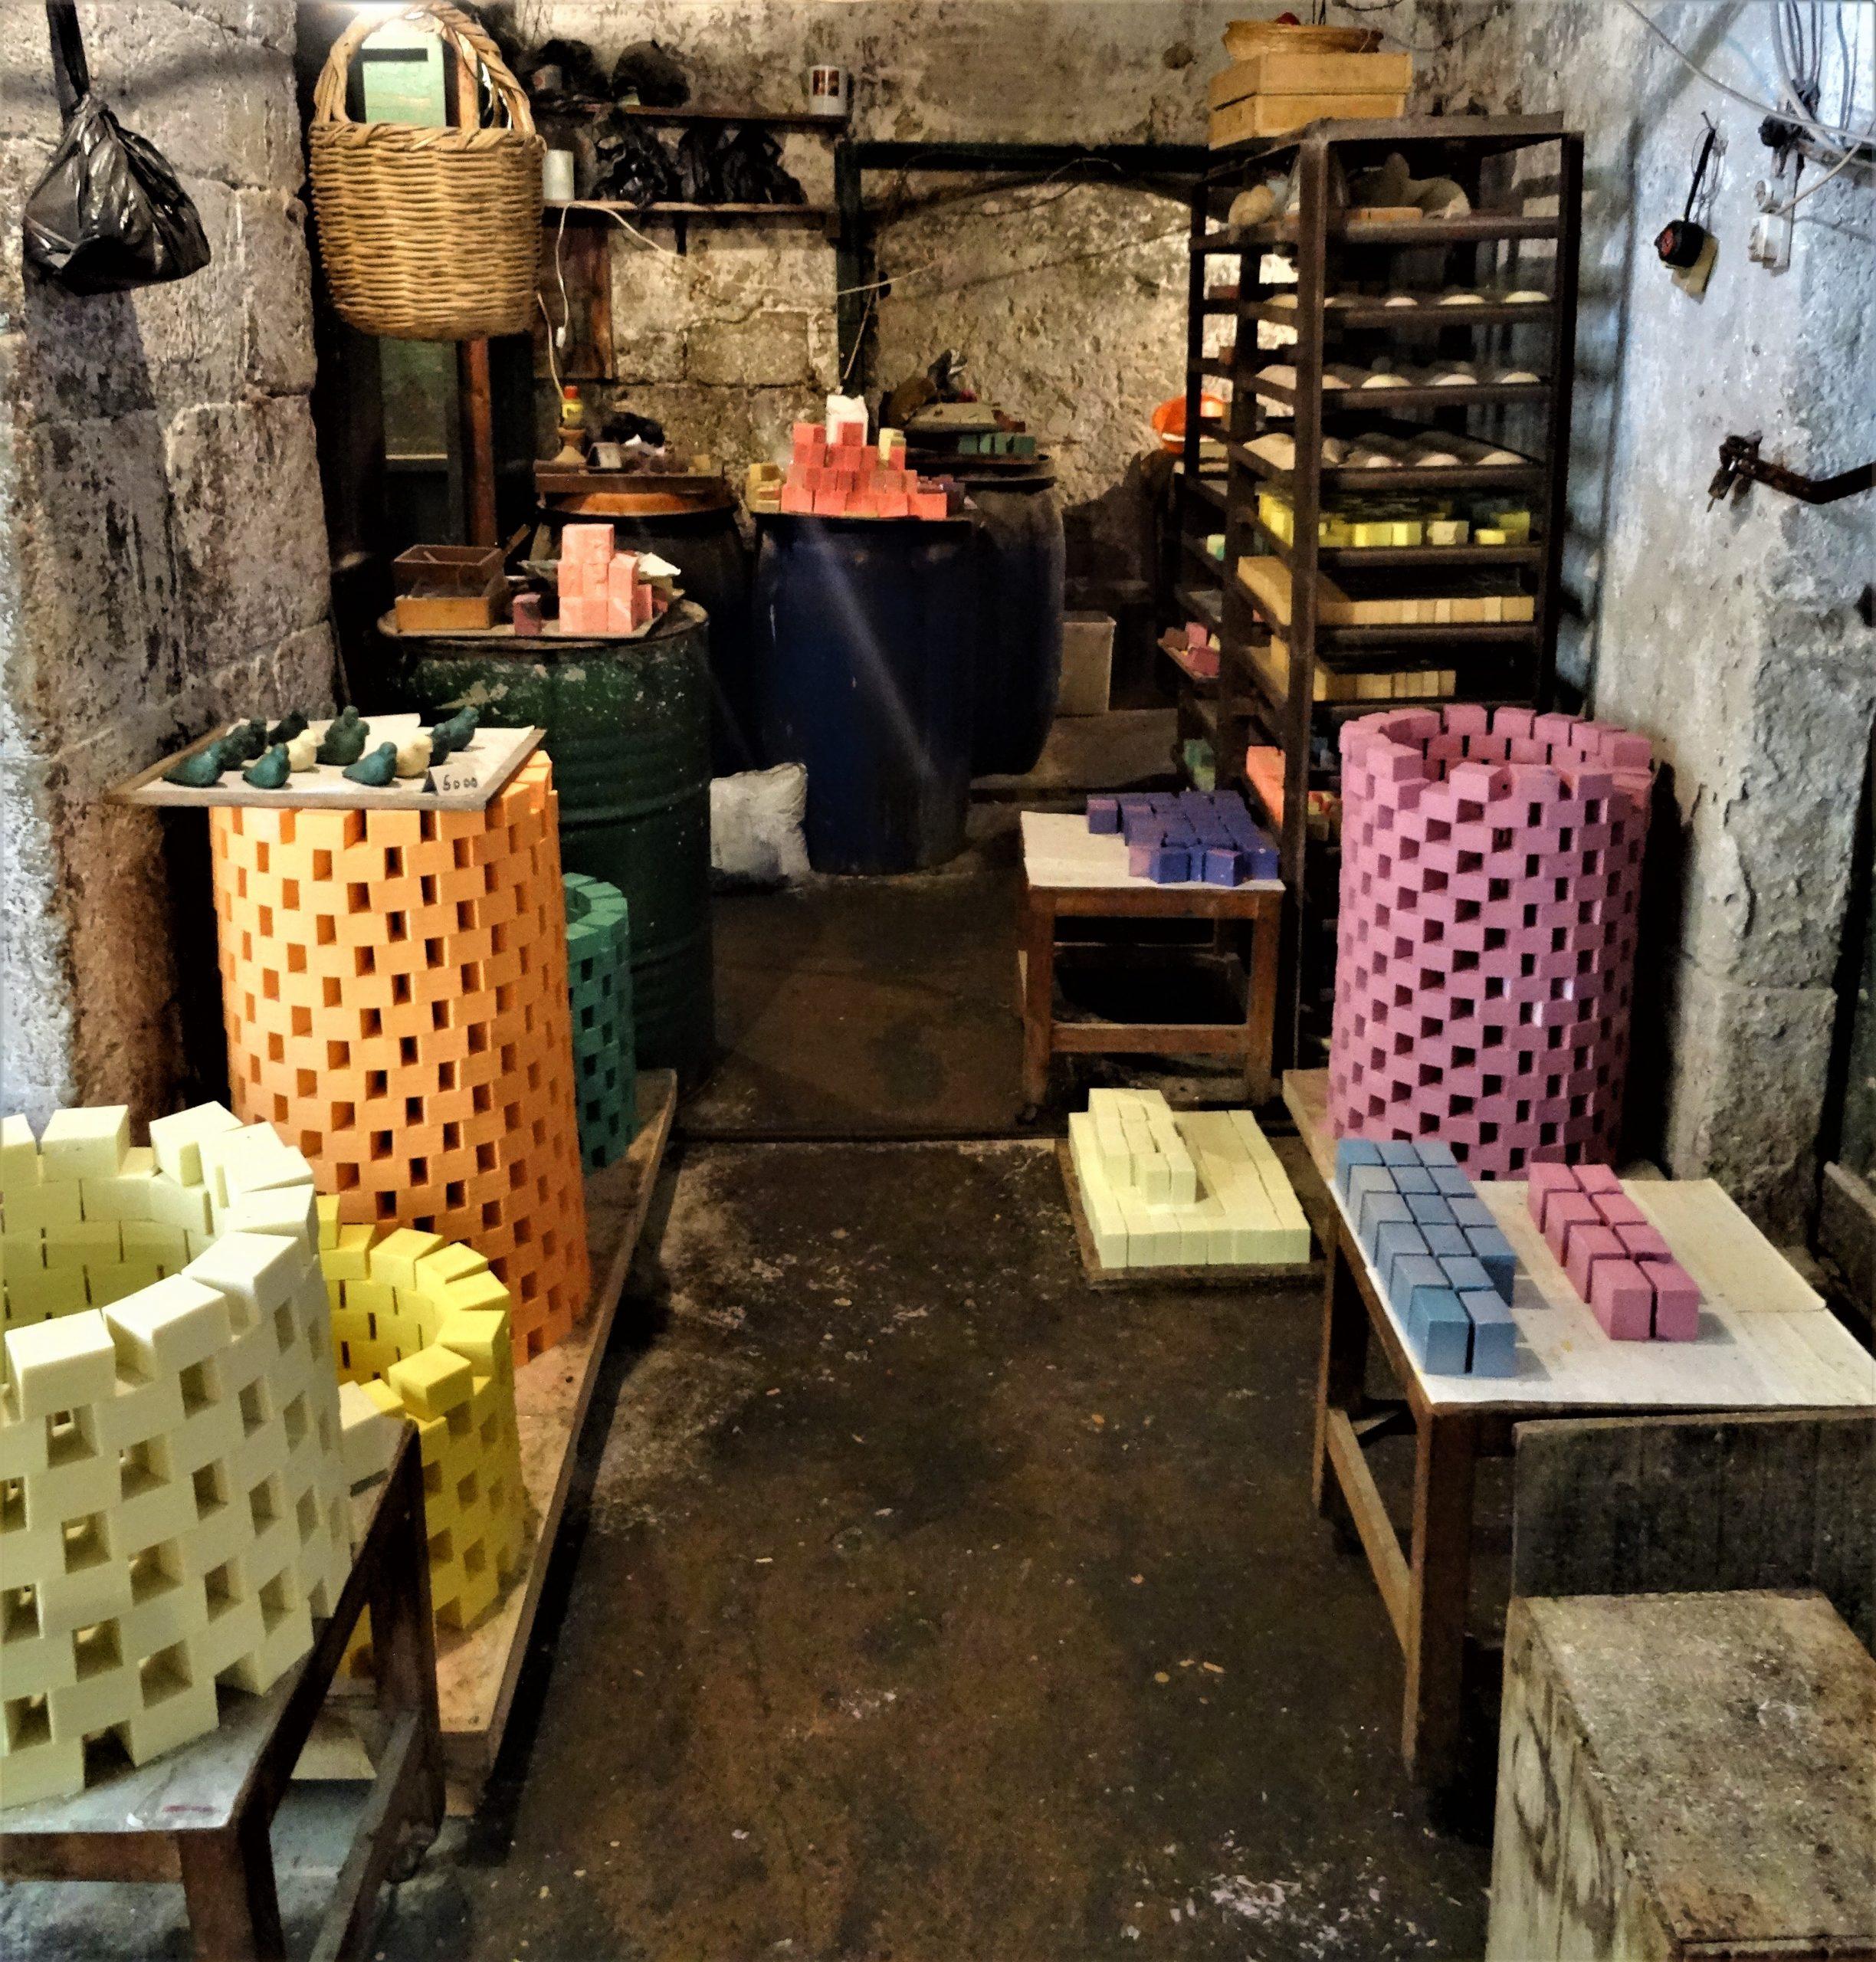 fabricant de savon, souk de Tripoli